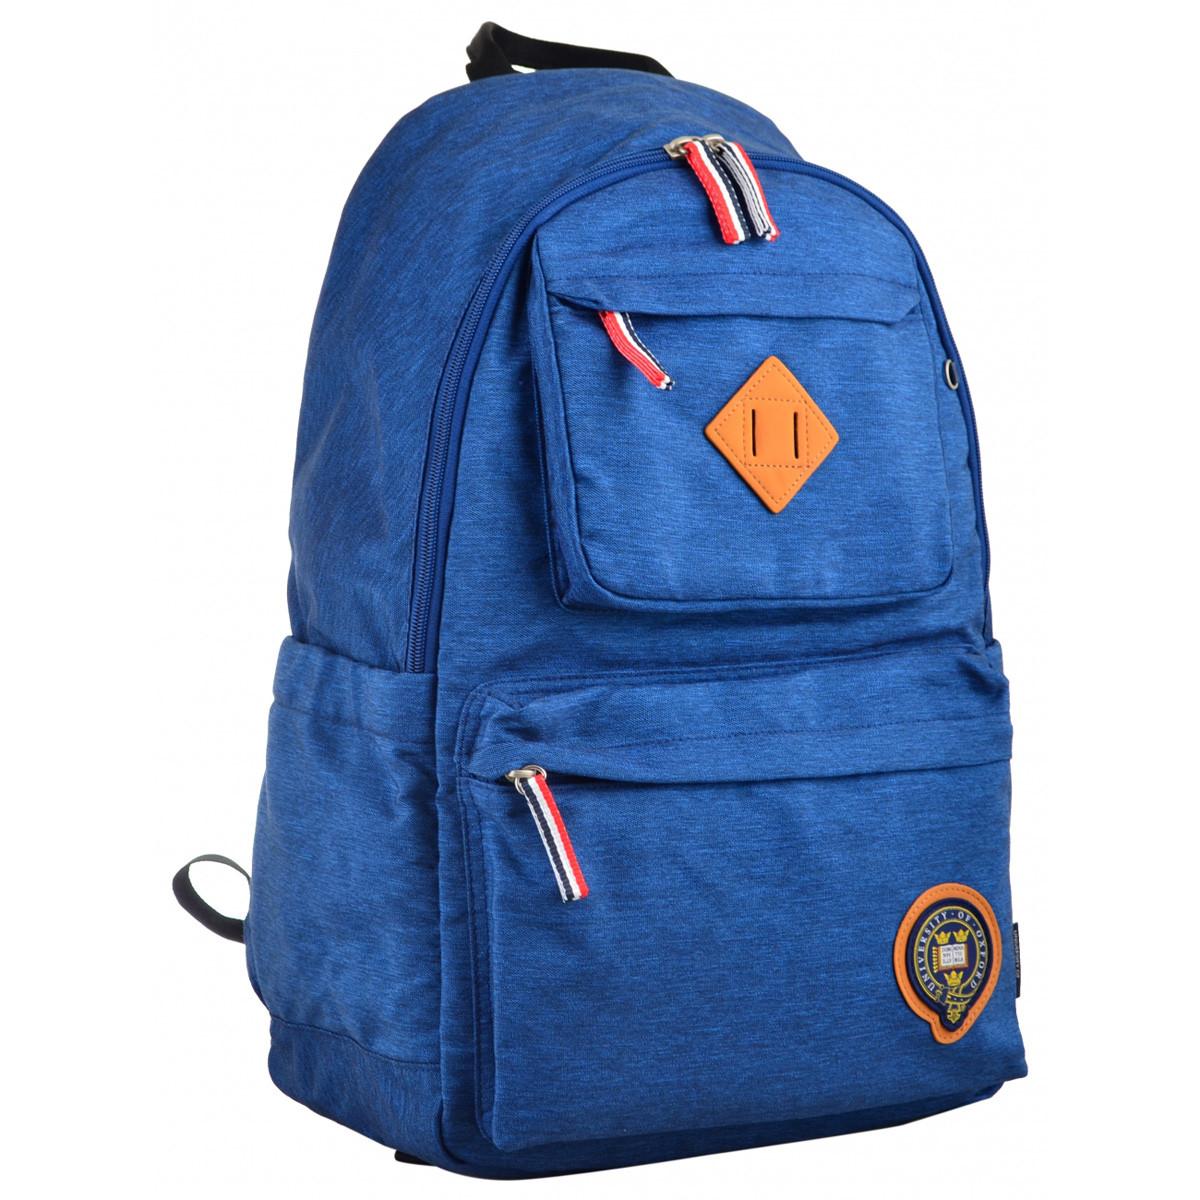 Рюкзак городской YES OX 387 47*30*17 синий код: 555652